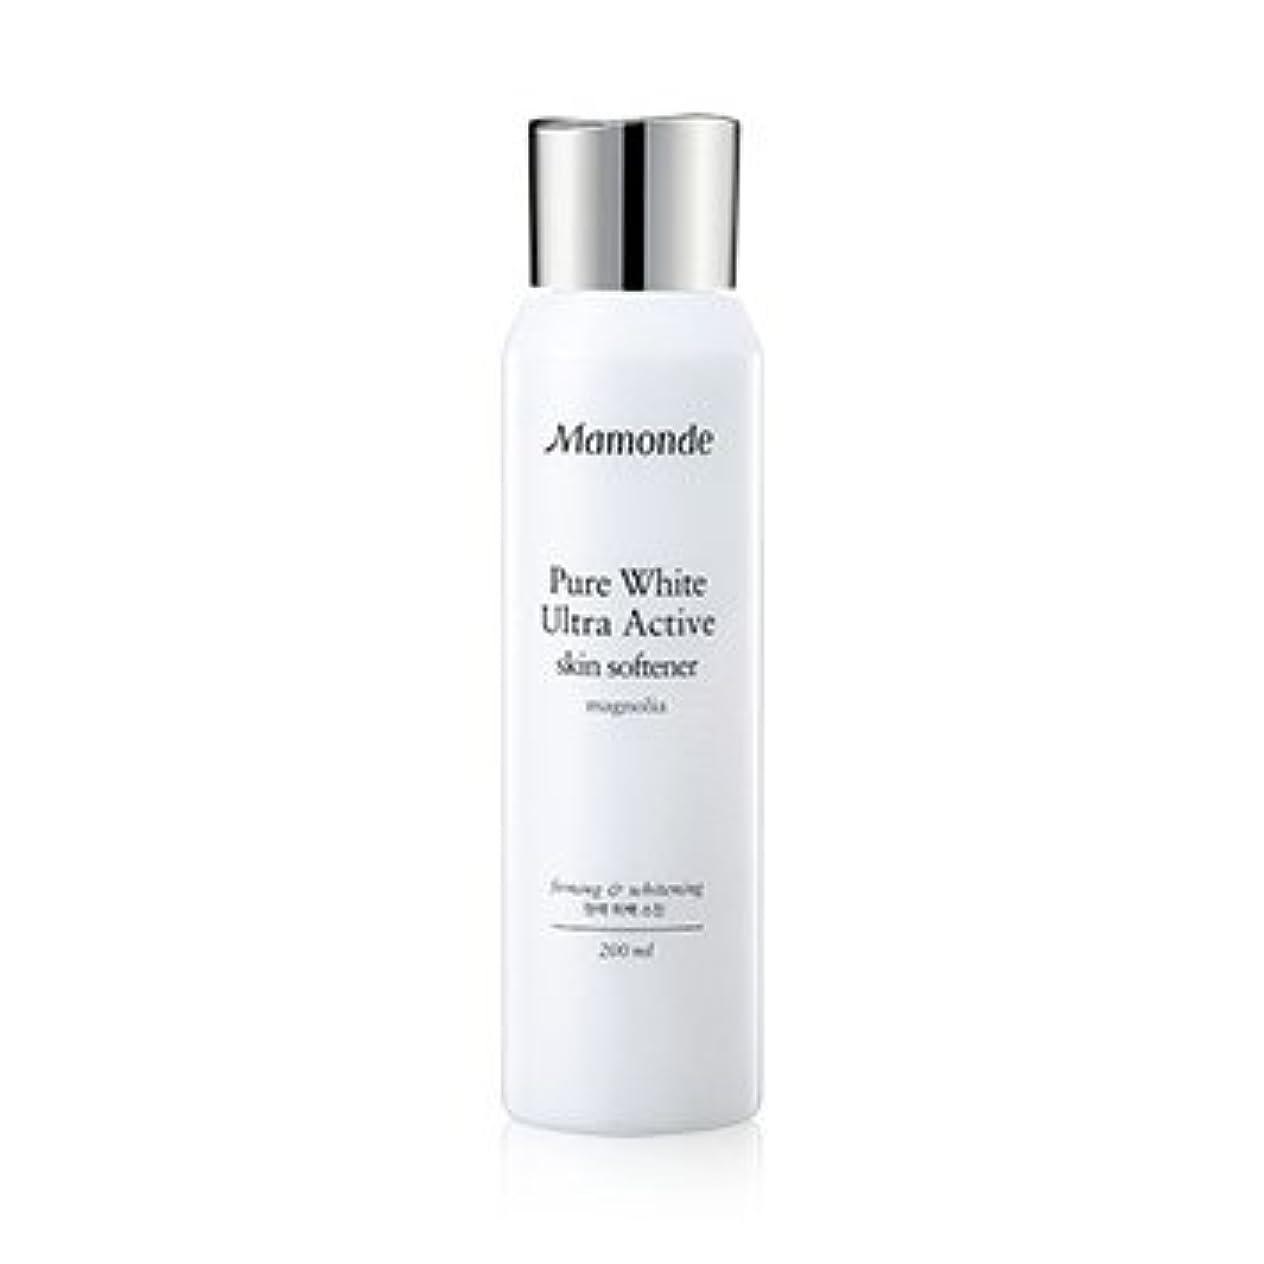 アライアンス加入ことわざMamonde Pure White Ultra Active Skin Softener 200ml/マモンド ピュア ホワイト ウルトラ アクティブ スキン ソフナー 200ml [並行輸入品]